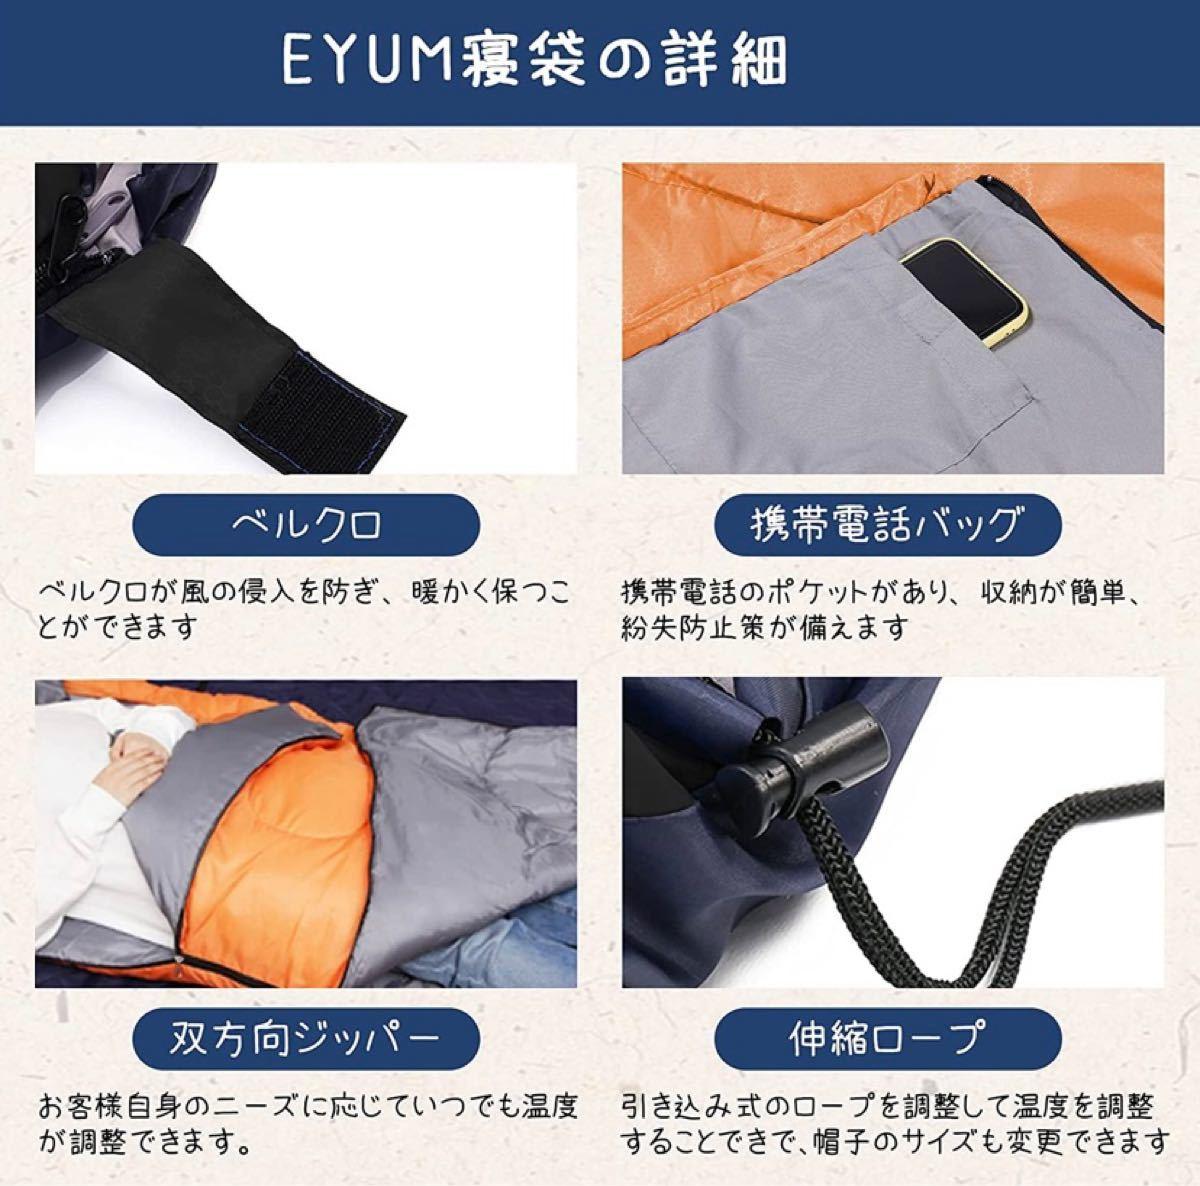 寝袋 シュラフ 封筒型 軽量 超暖かい 210T防水 コンパクト 簡単収納 車中泊 防災用 アウトドア キャンプ 丸洗い可能